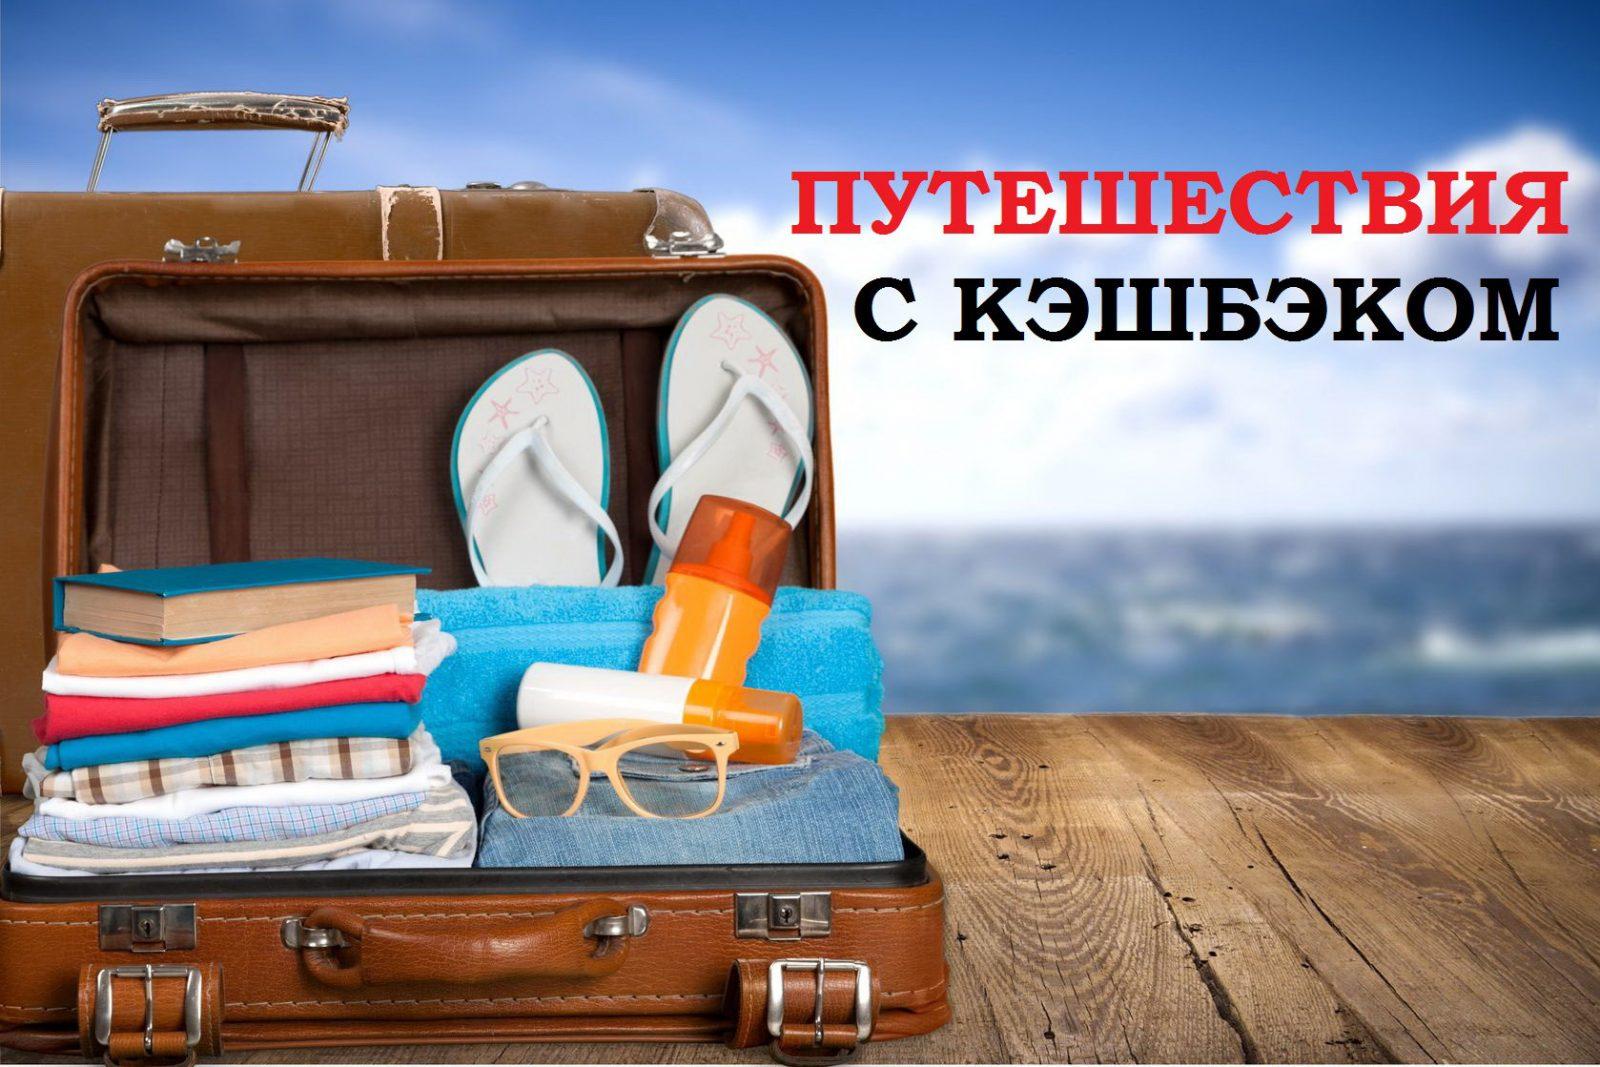 image - Оплачивайте путешествия по России картой «Мир» и верните 20% от стоимости поездки